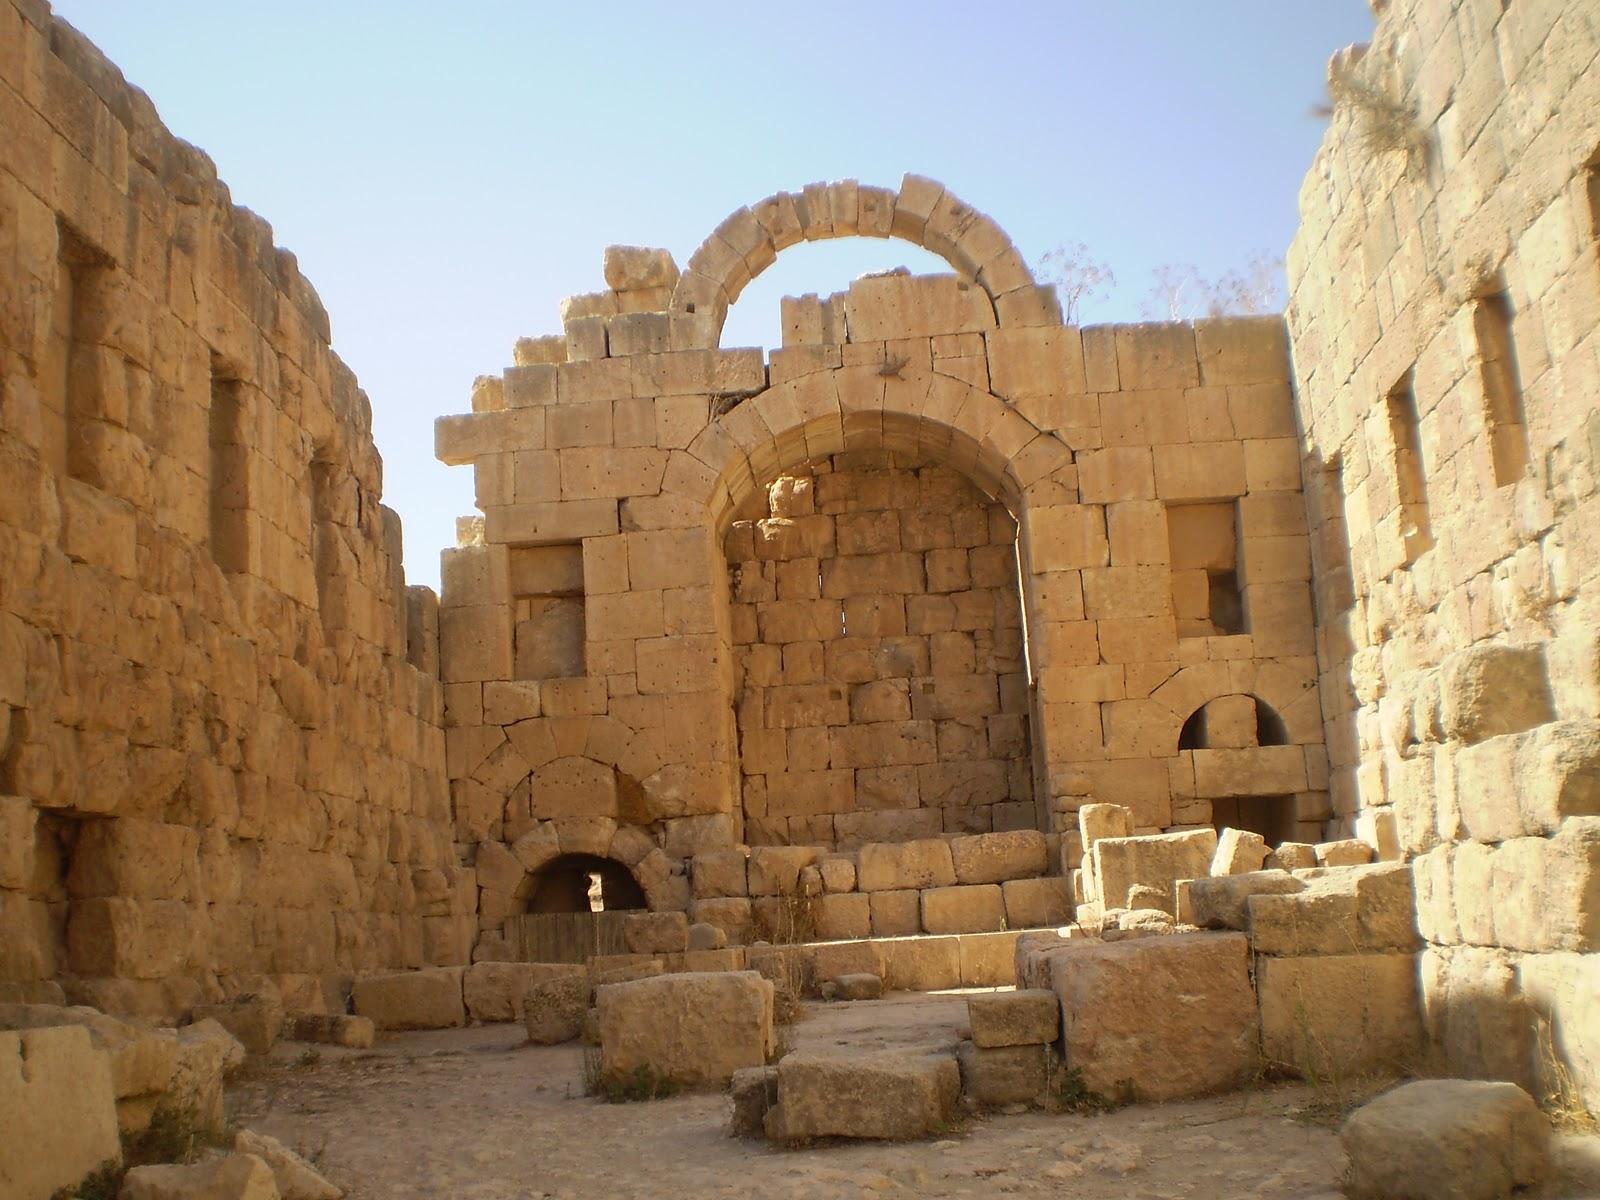 المدينة الاردنية التي تلقب بمدينة معبد-أرتمي�